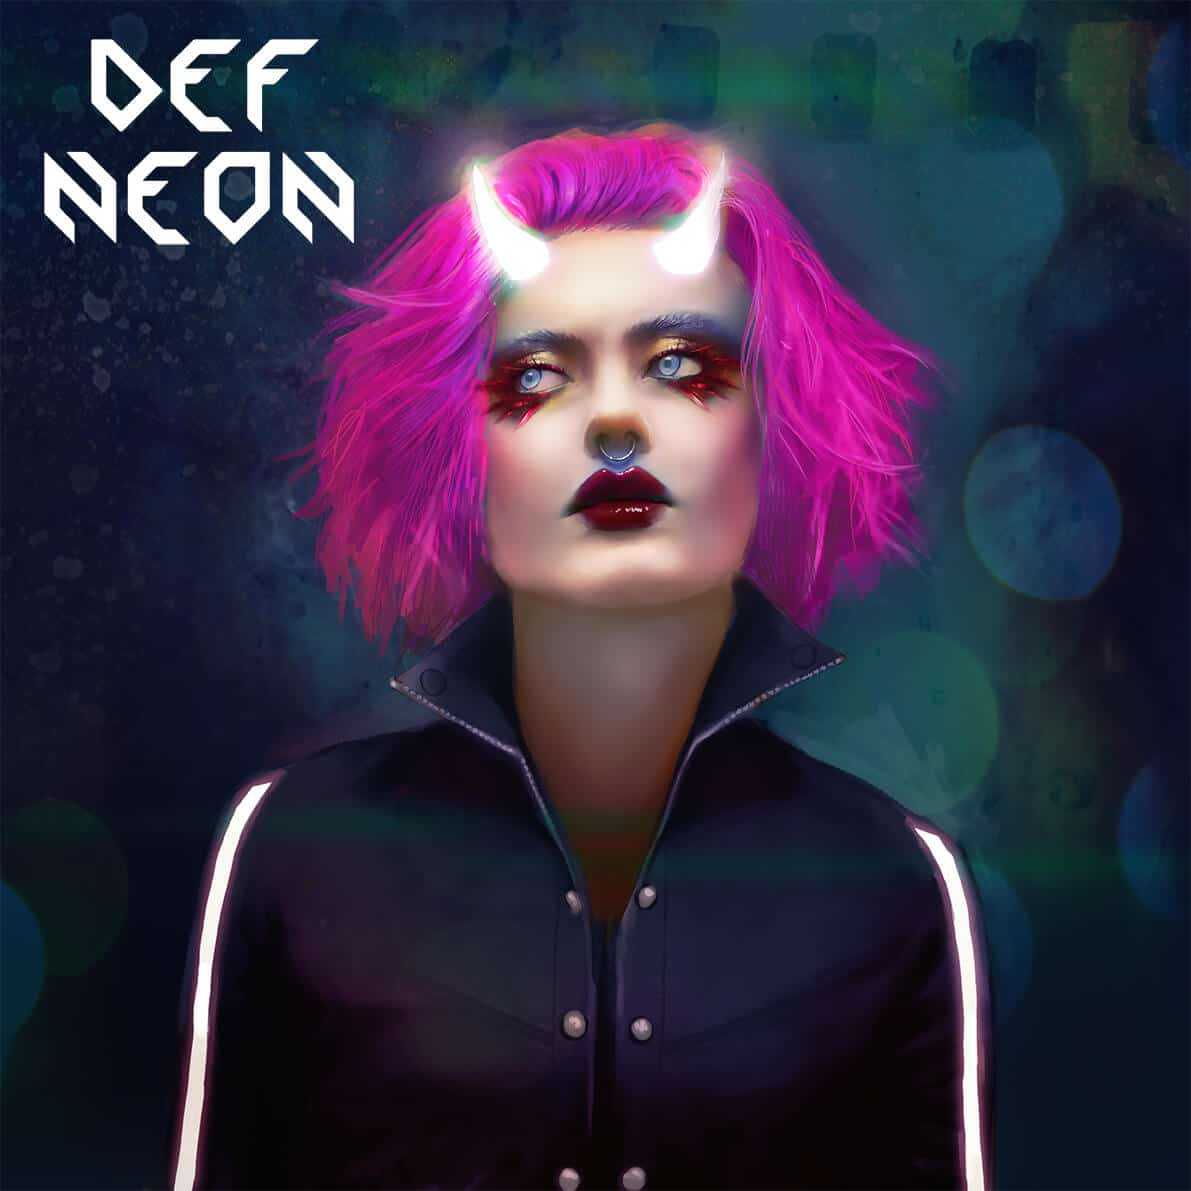 Def Neon – Def Neon